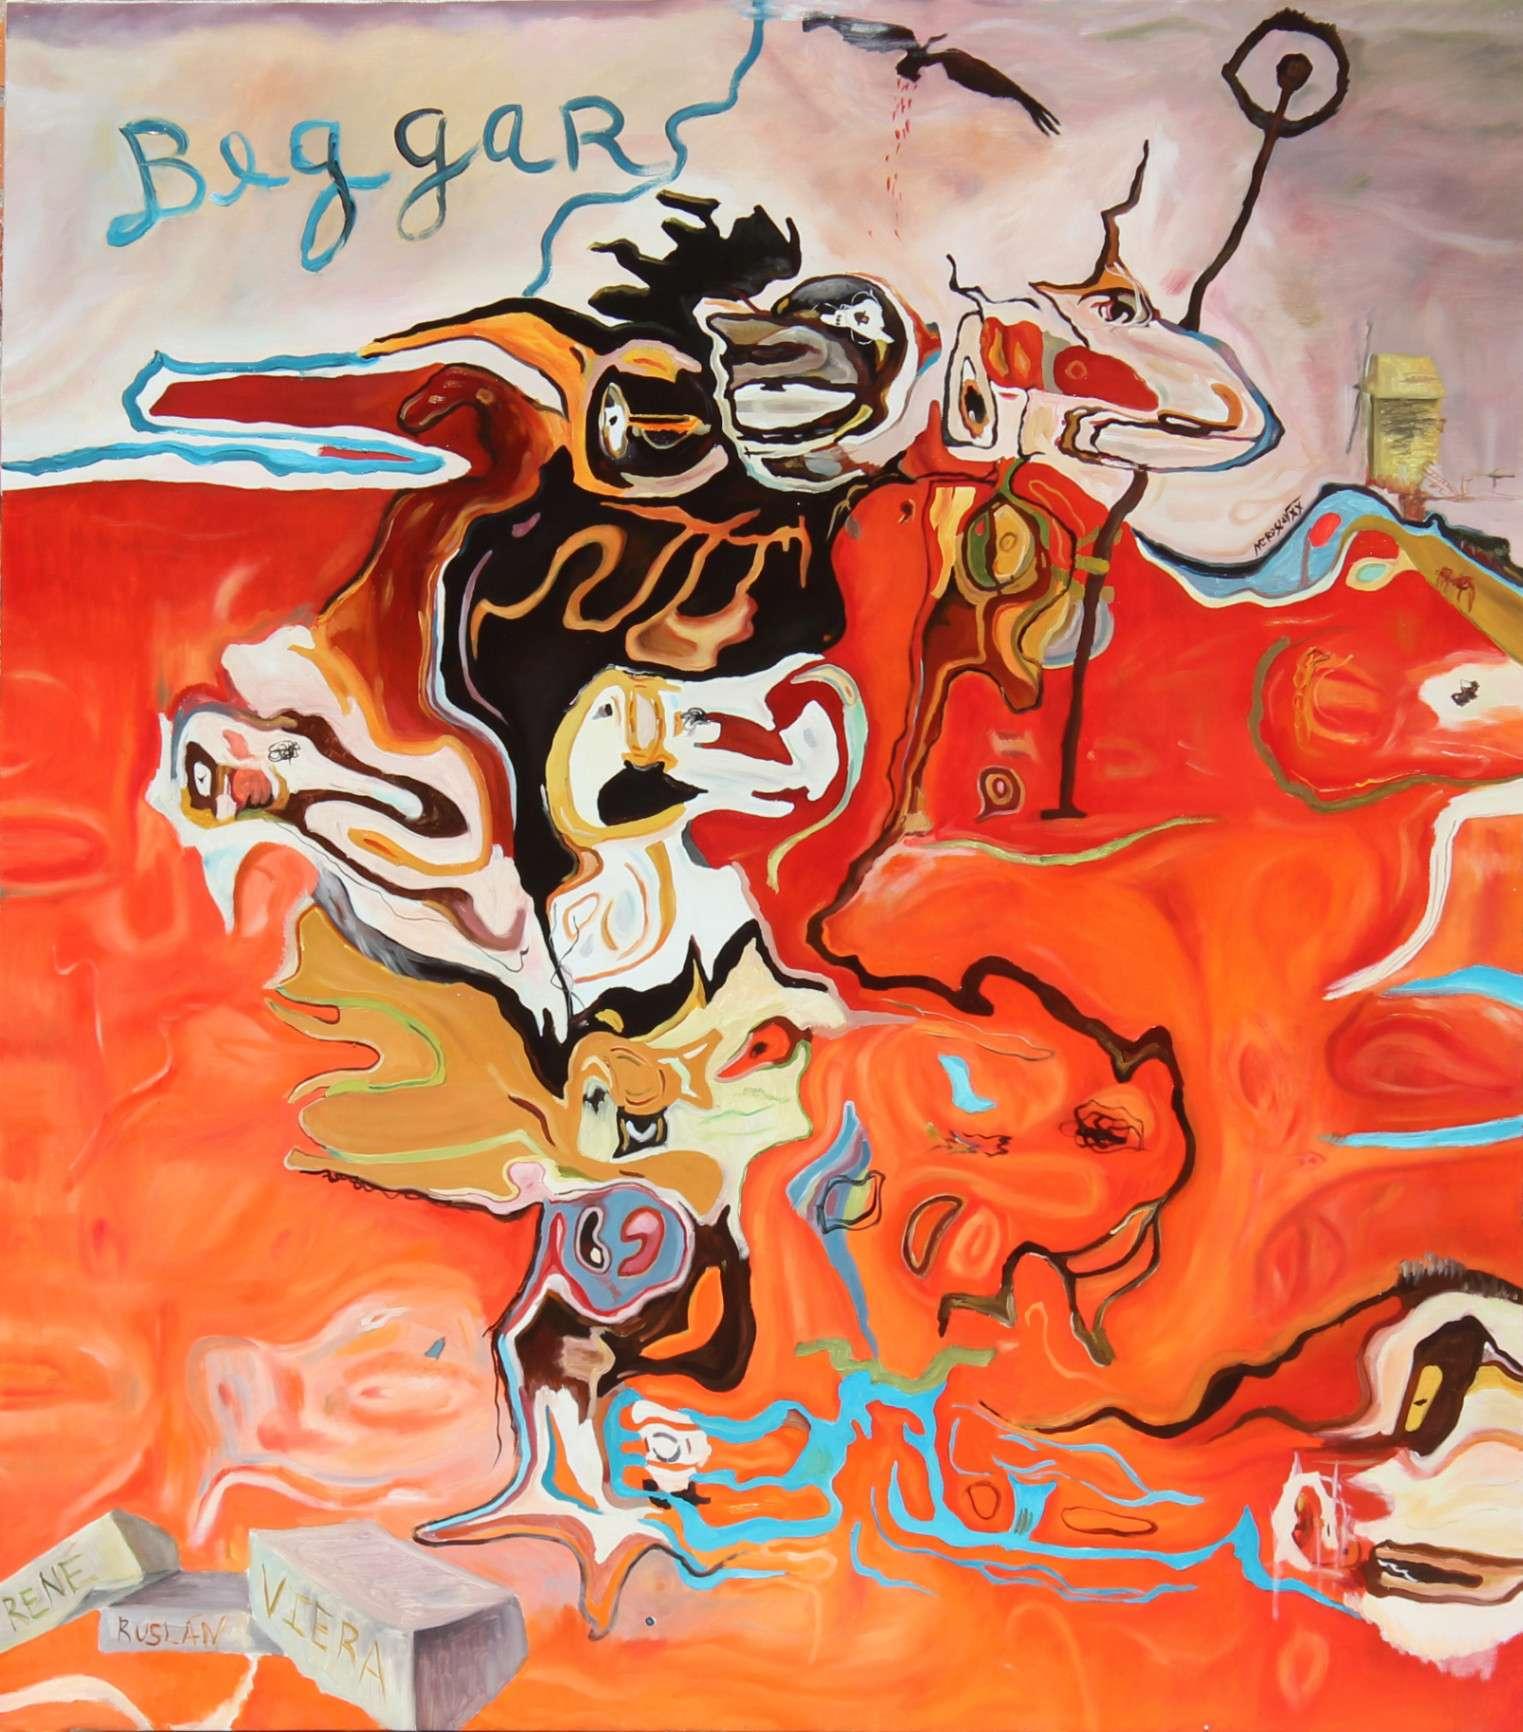 Obra: Los pintores del río Hatibonico